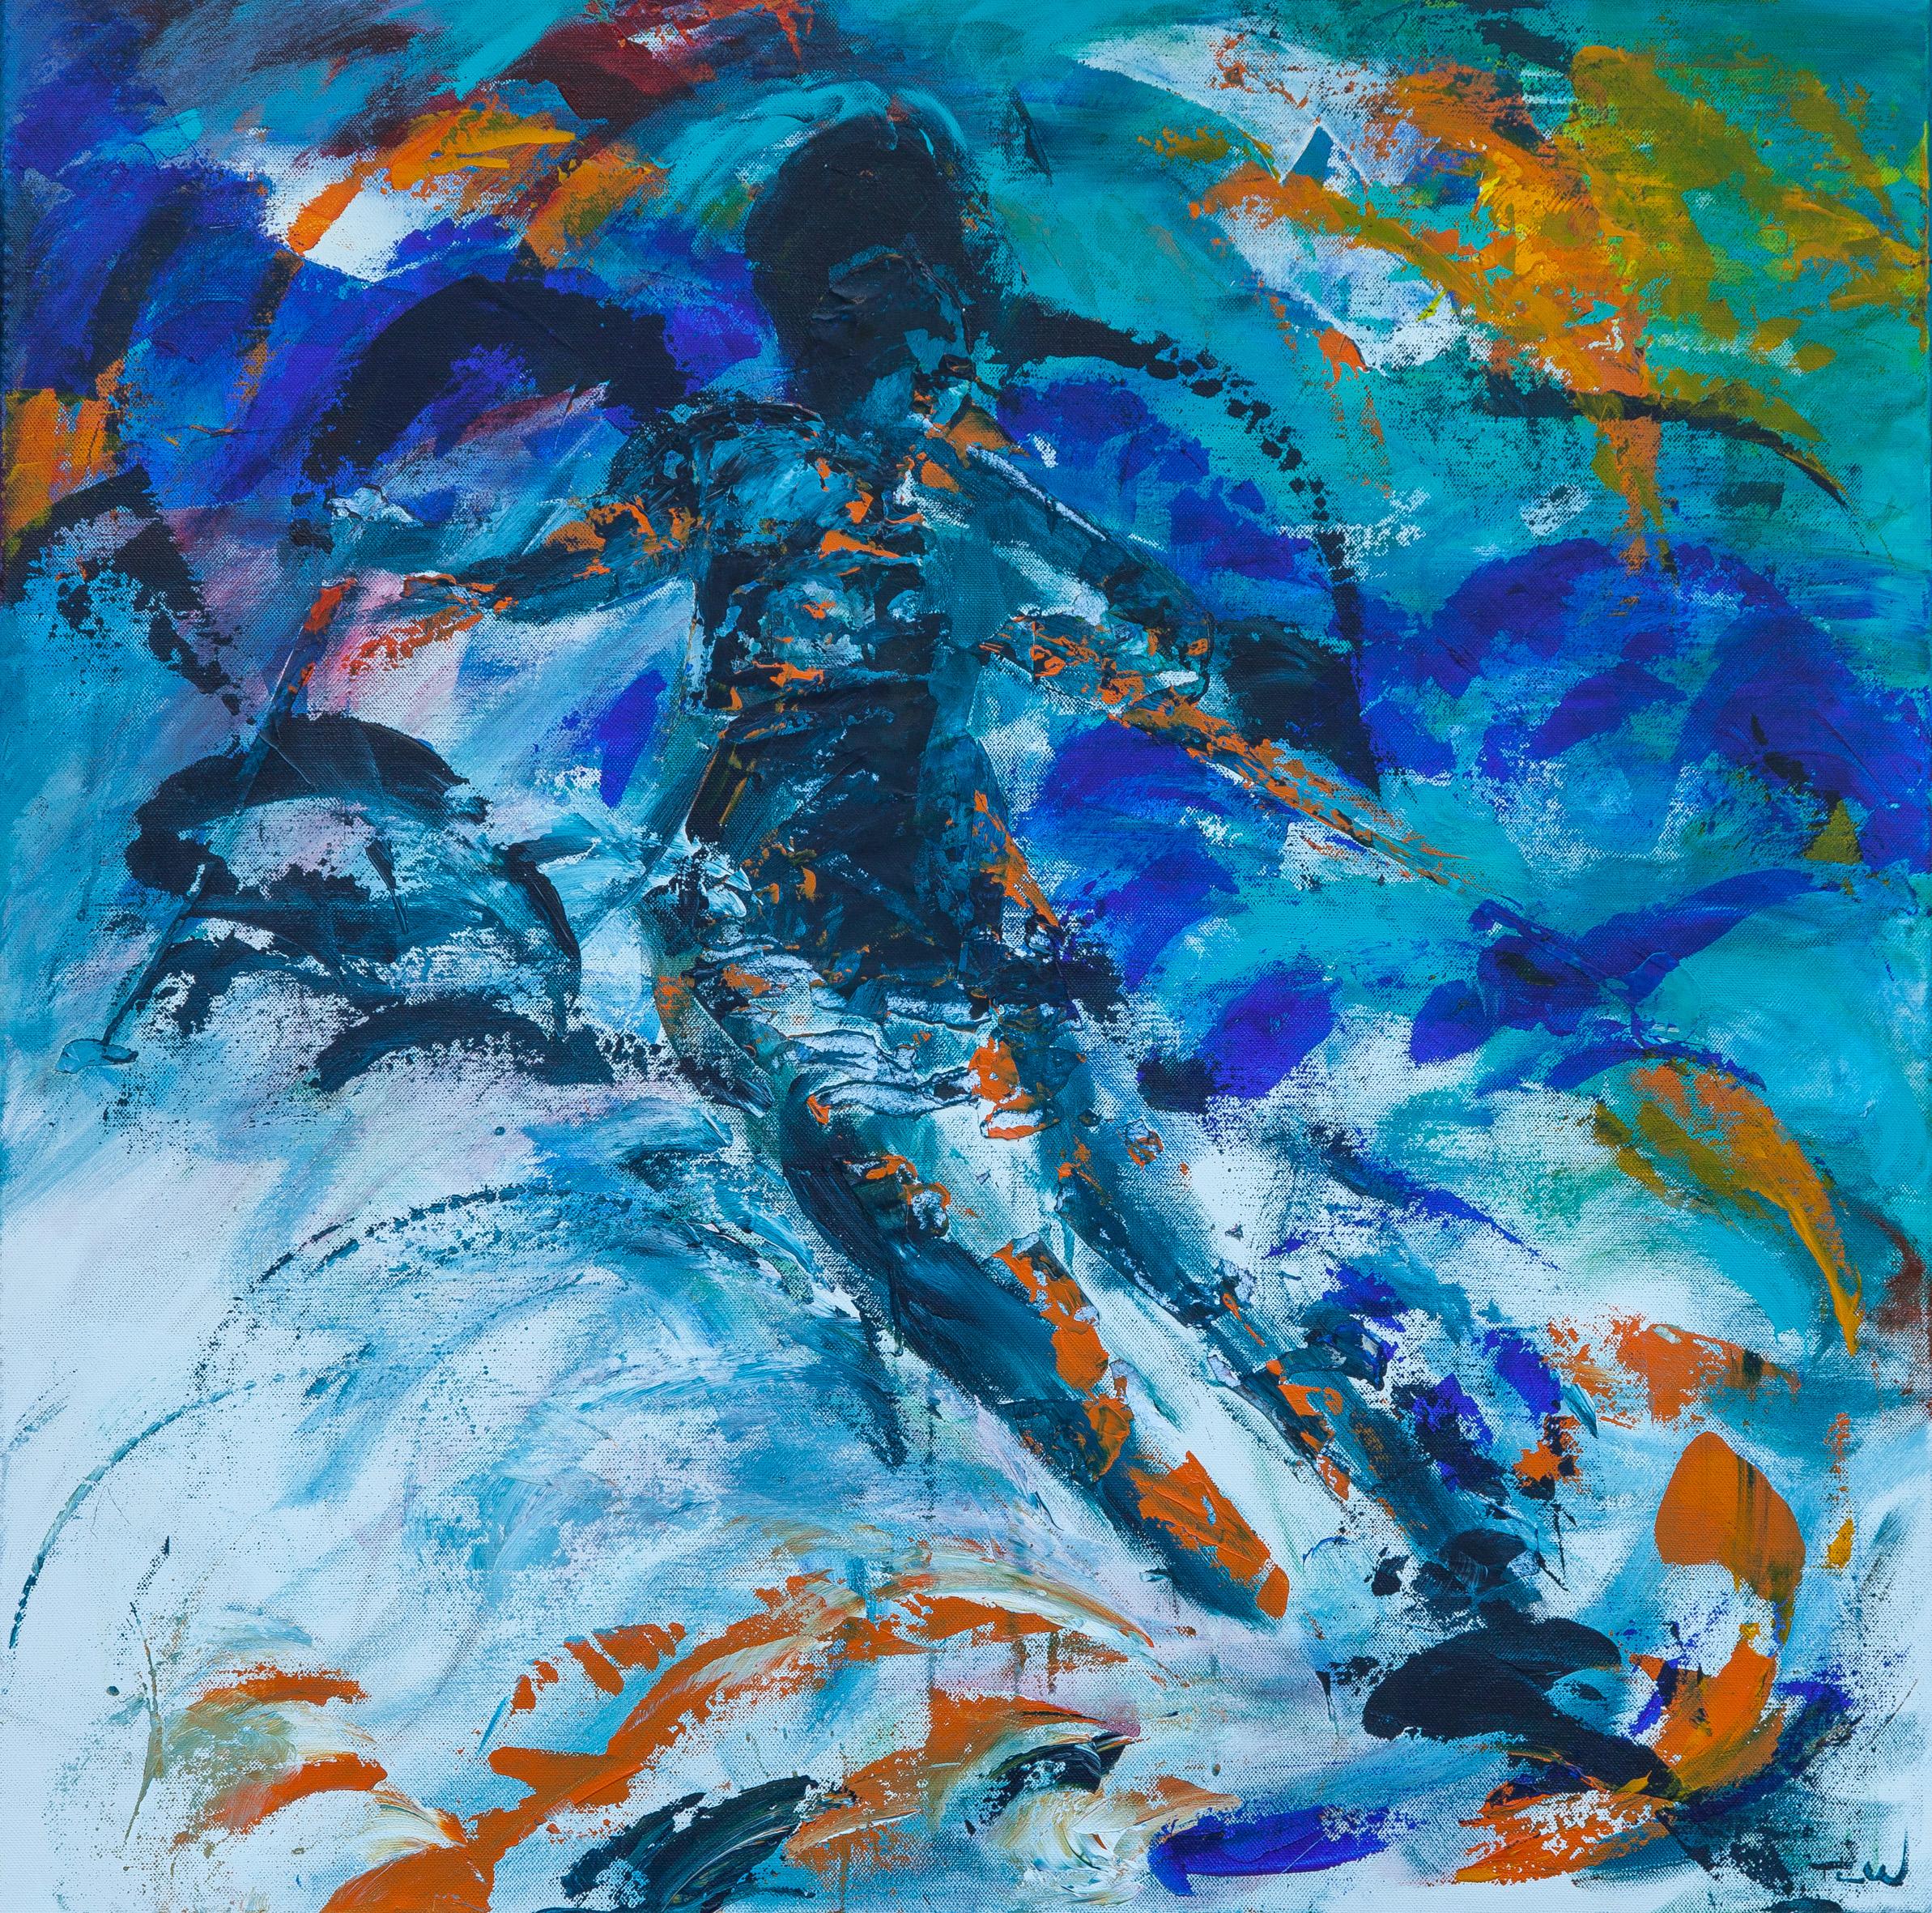 Jeg har malet en skiløber i fuld fart ned af pisten i solskin og masser af energi. Bjergluften er frisk